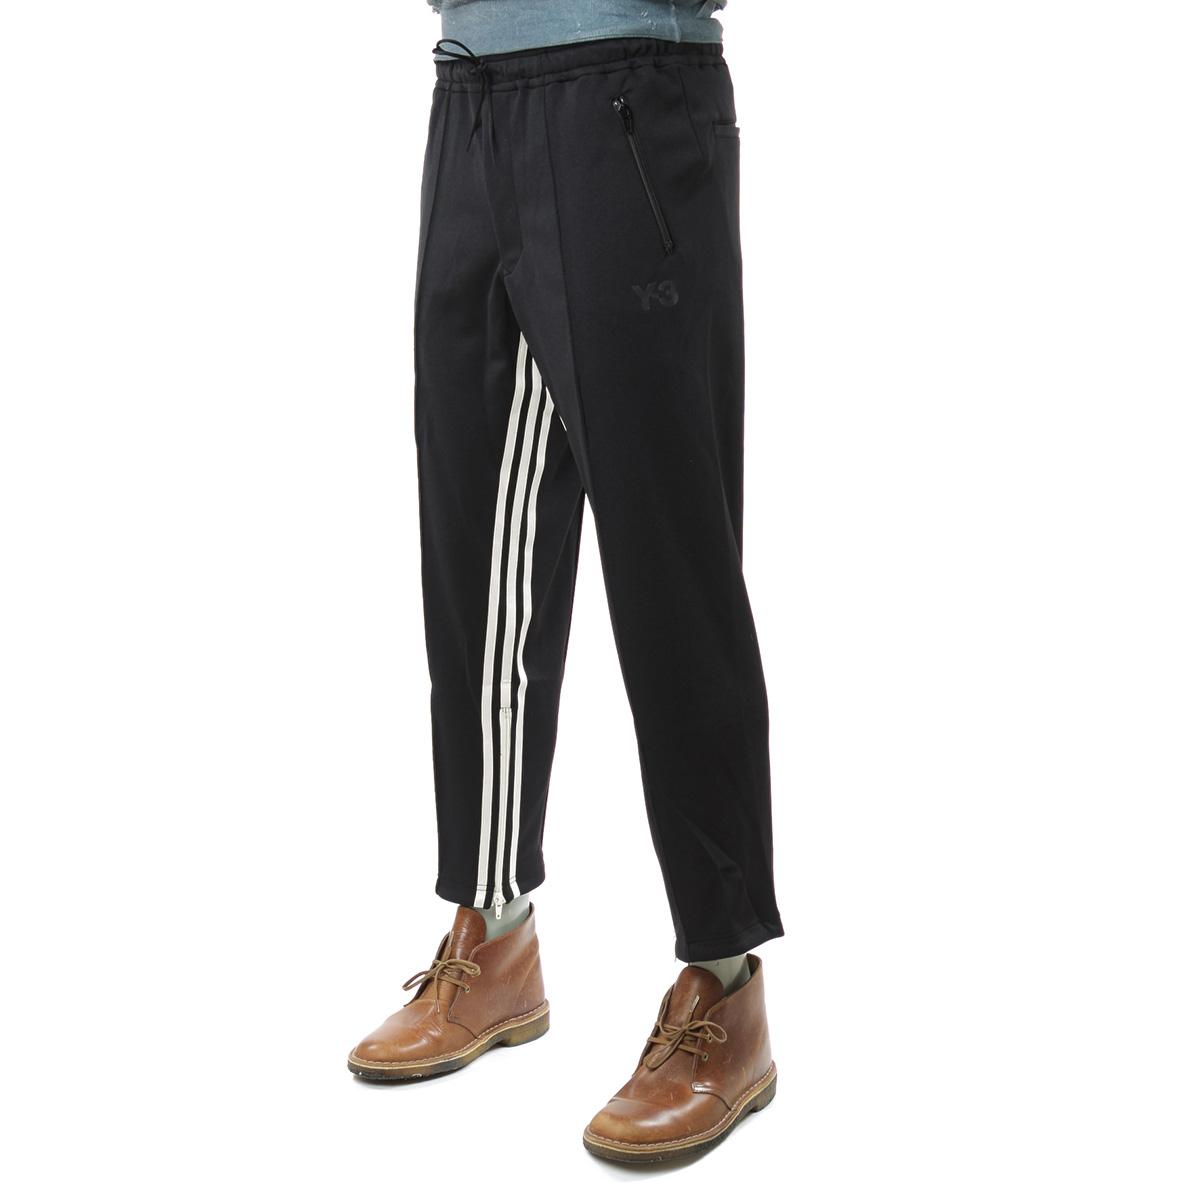 叁仟良品正品 Y-3 Y3 条纹拼接男士拉链运动休闲裤九分裤 FJ0392